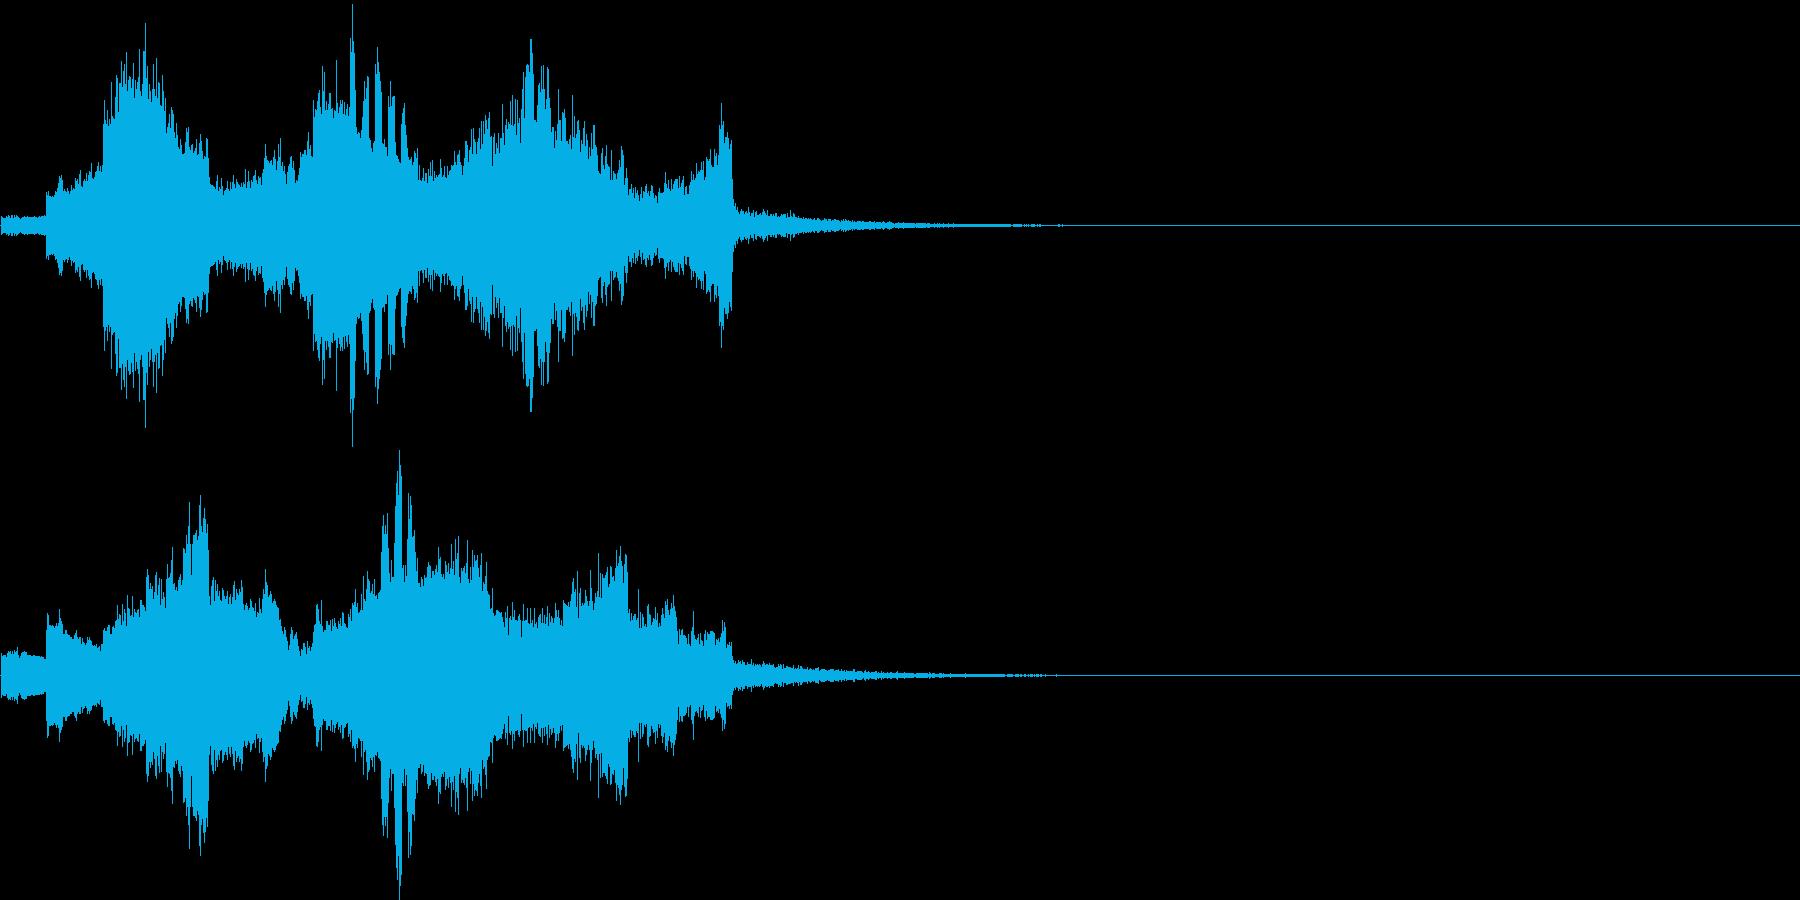 #銃っぽい音#雑踏の音#近代的の再生済みの波形